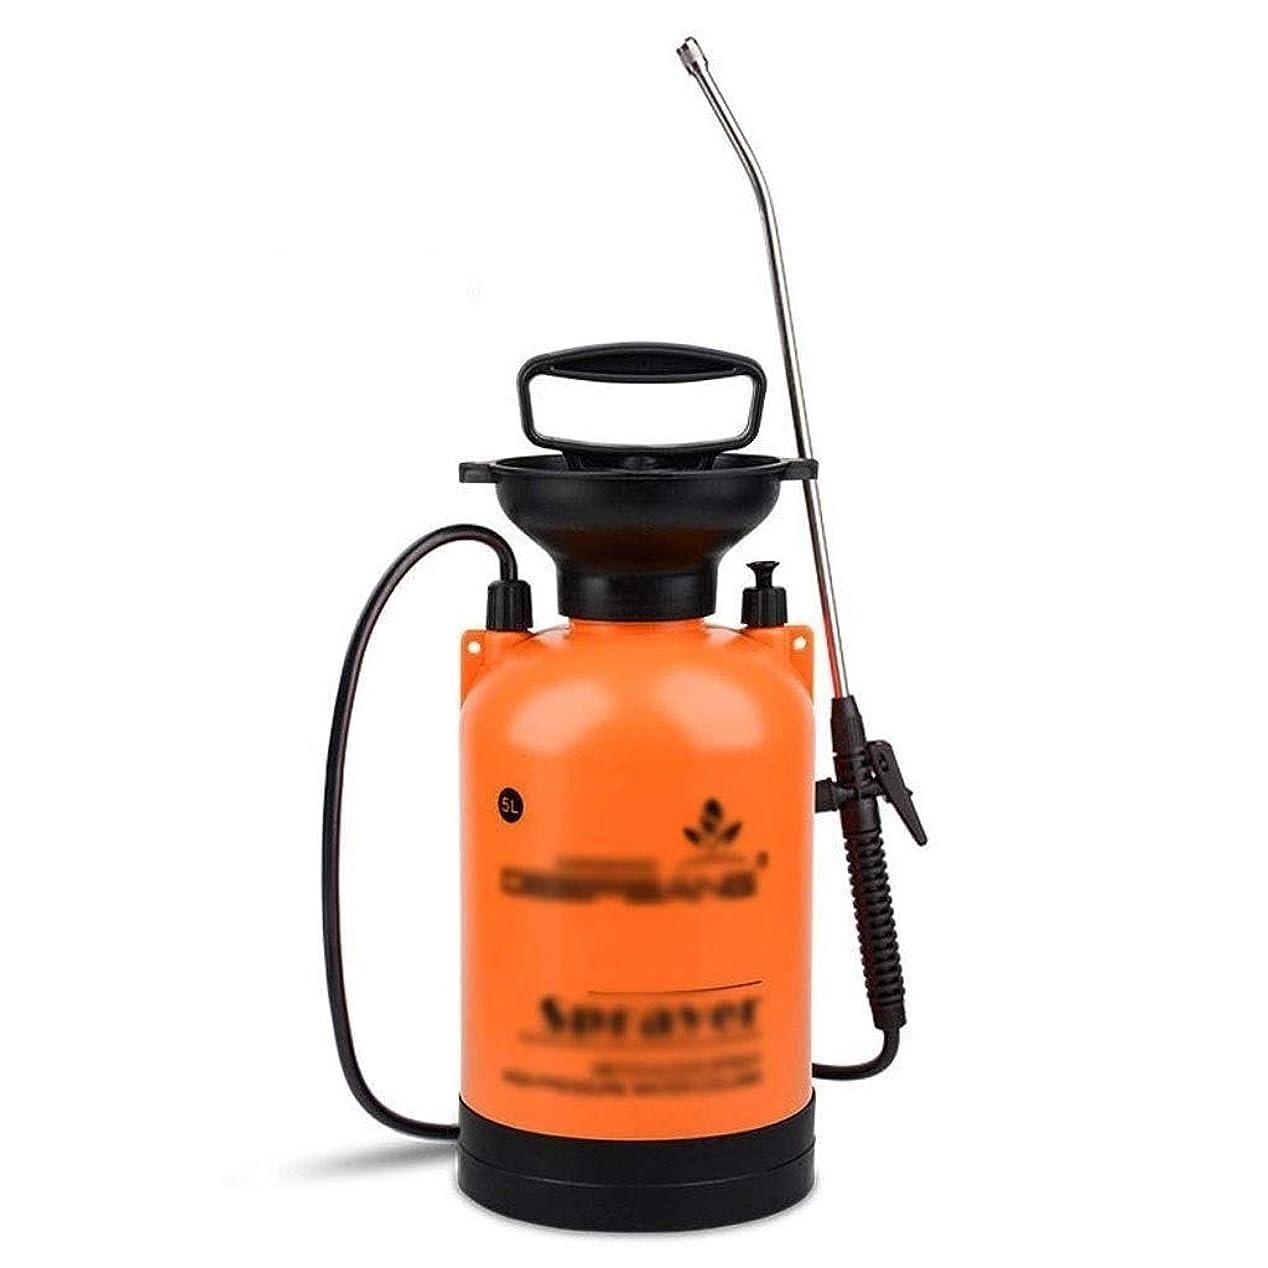 解釈するよく話される醸造所水まきケトルじょうろ ショルダータイプ多機能水噴霧器手動ガーデンスプリンクラーファミリーガーデン散水機器 じょうろ (Color : A, サイズ : M)